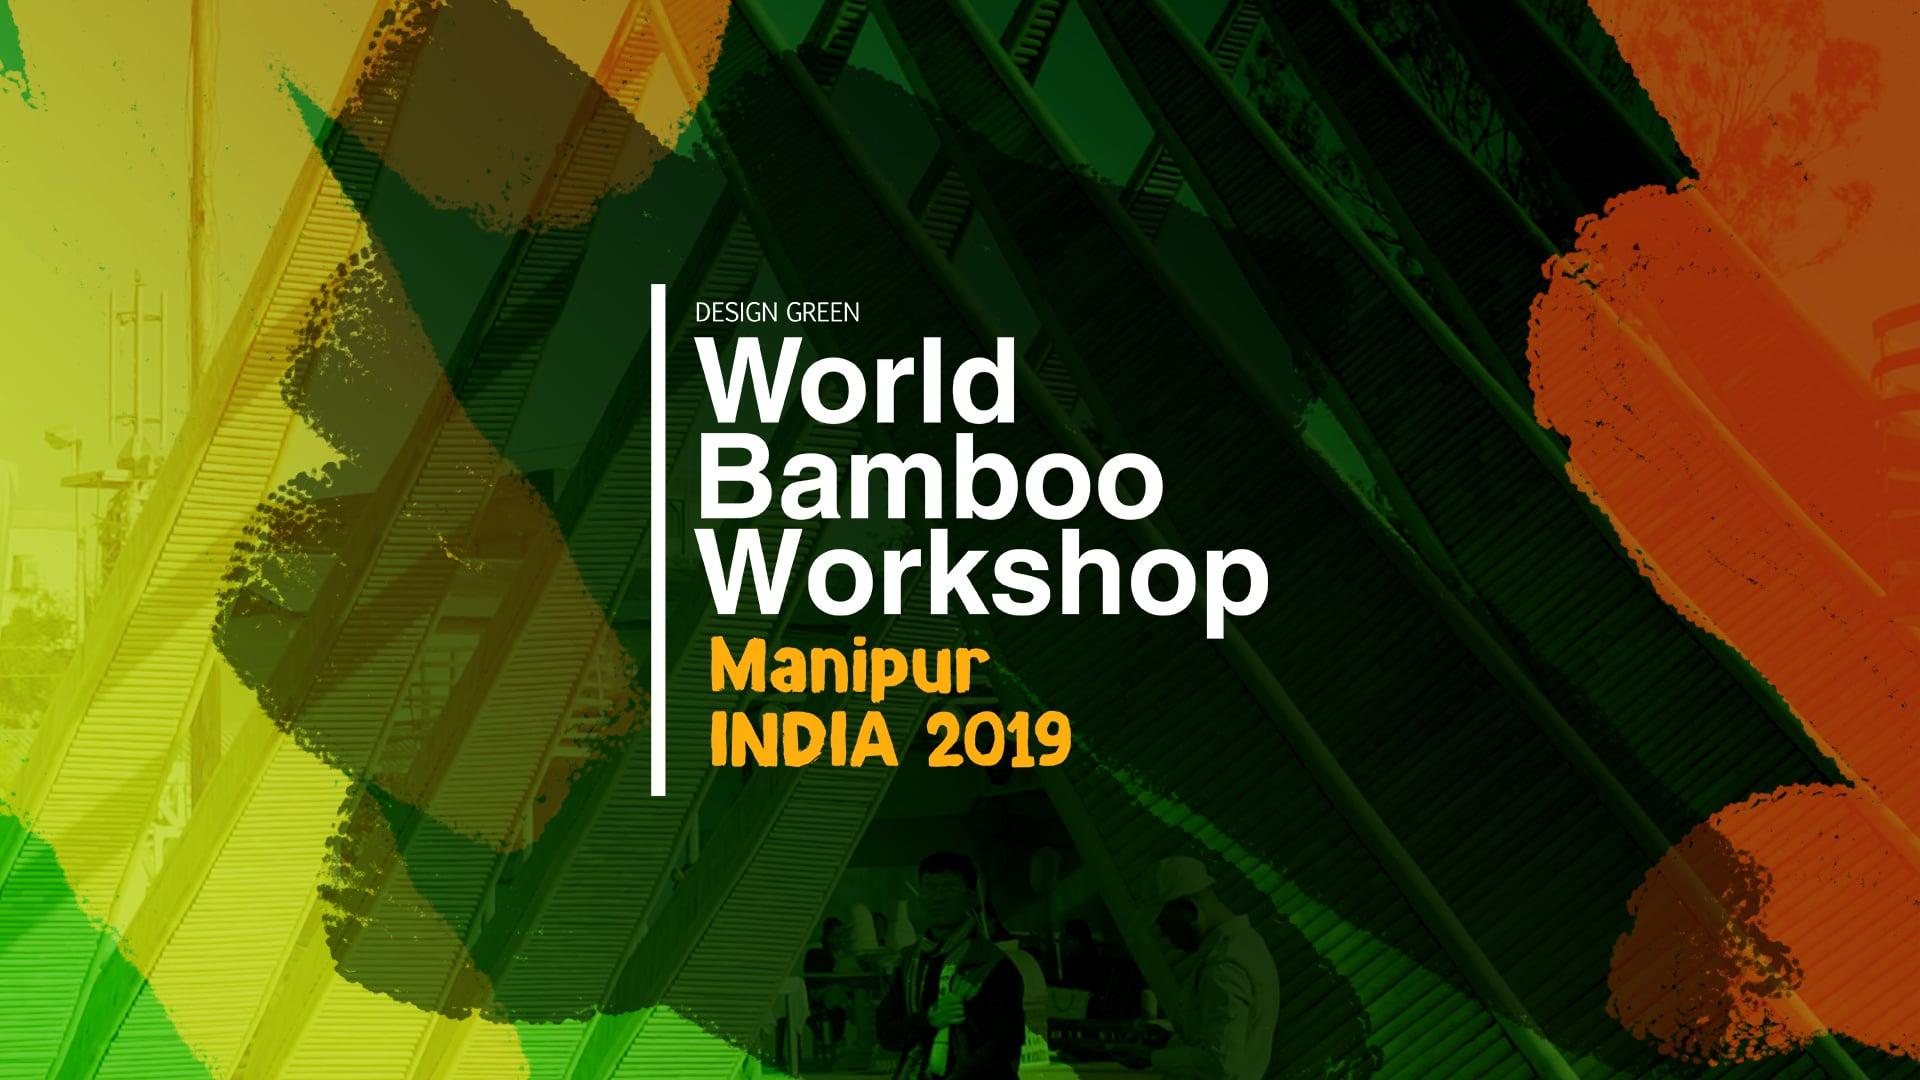 World Bamboo Workshop India 2019